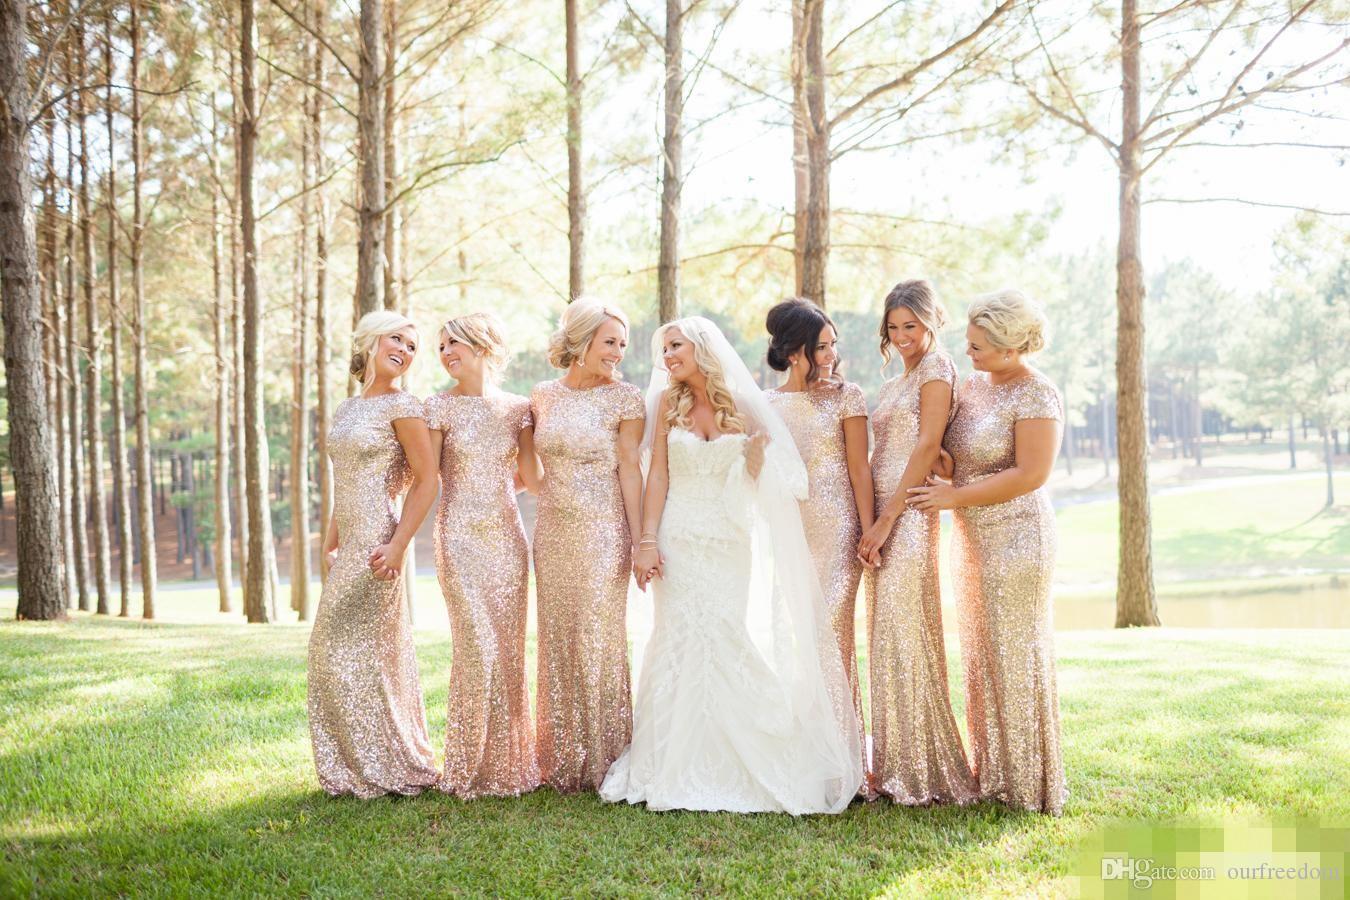 本物のキラキラローズゴールド安い人魚の花嫁介添人ドレス2019半袖スパンコール背景ロングレスビーチウェディングパーティーガウンゴールドシャンパン